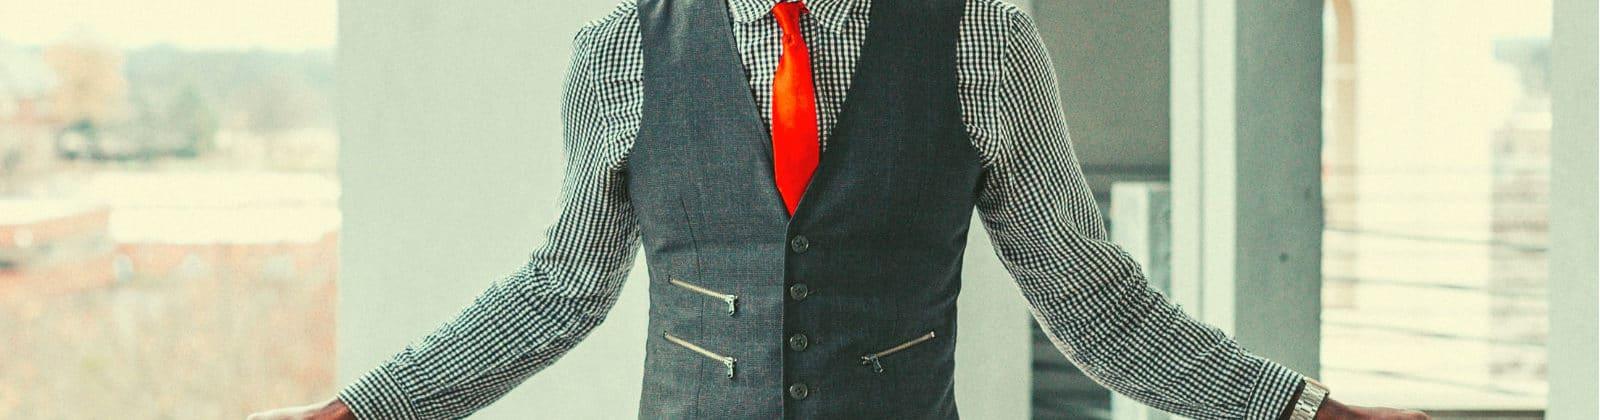 mens vest jacket